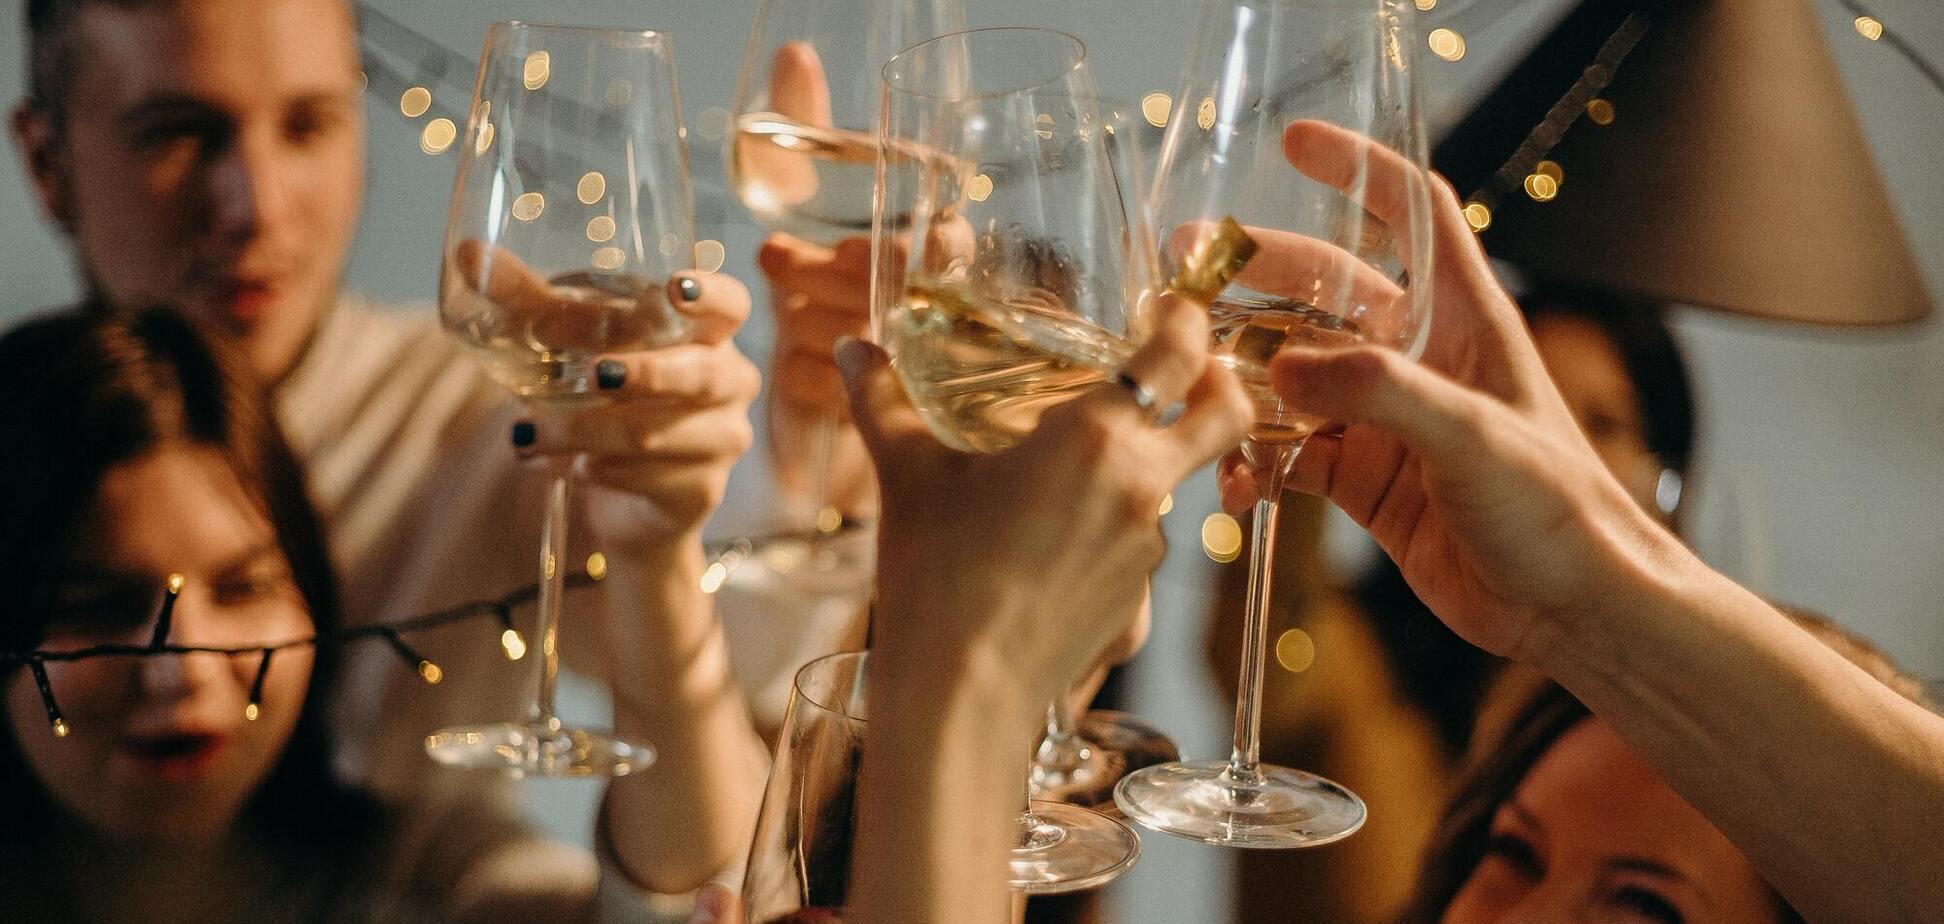 Новый год можно отметить веселыми конкурсами и играми